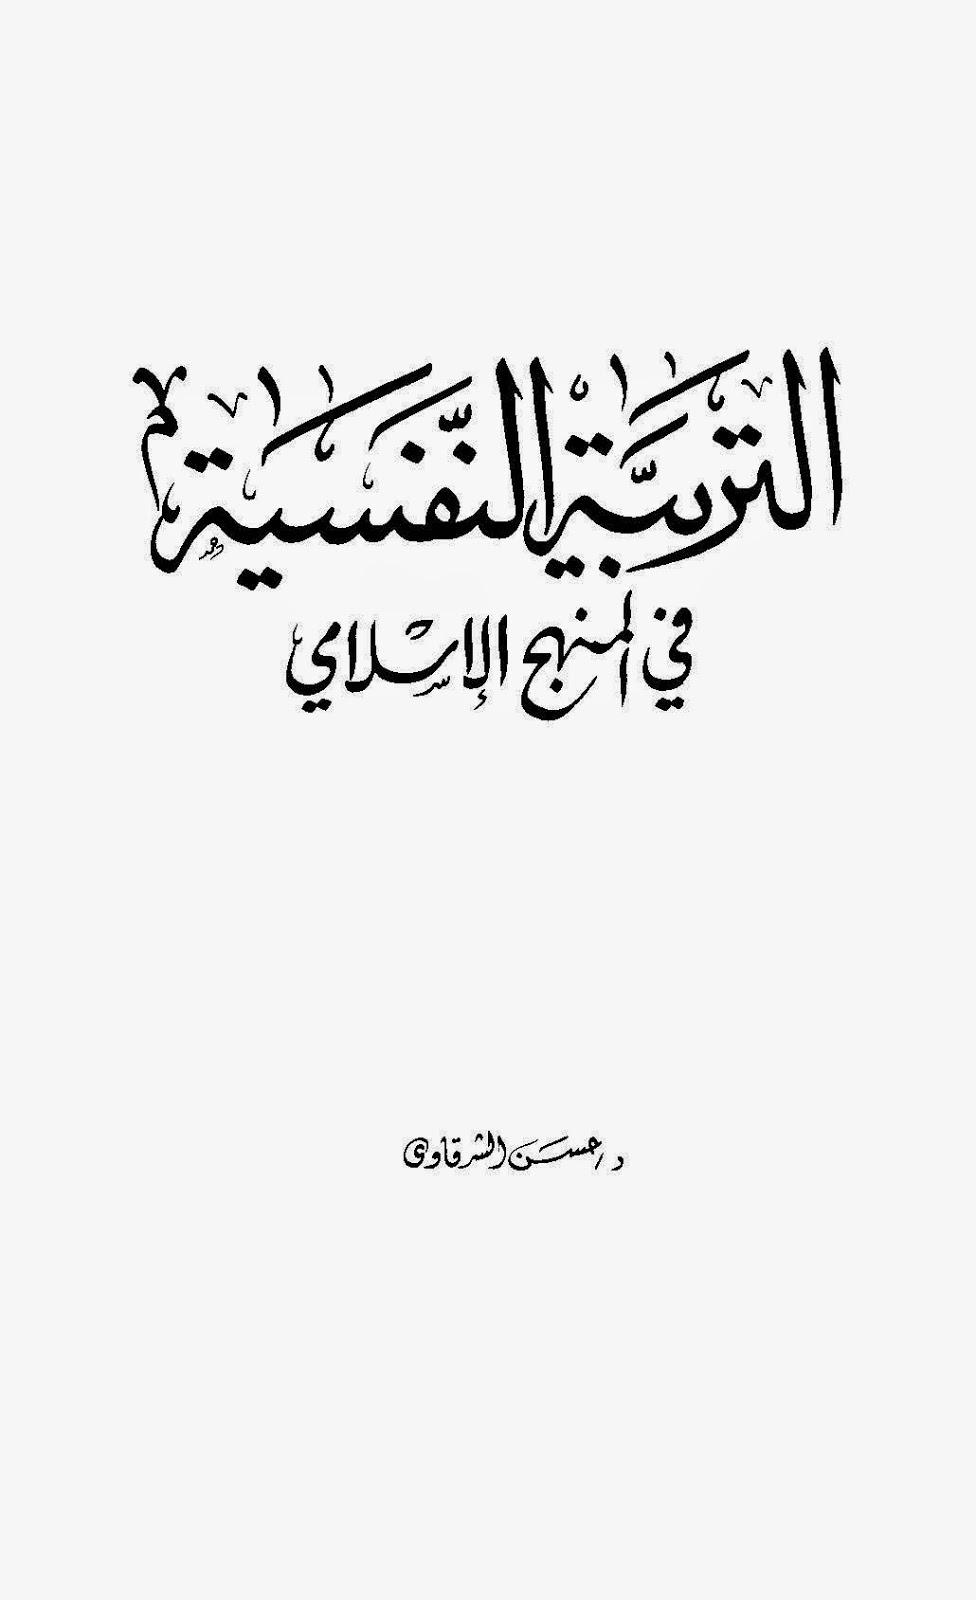 التربية النفسية في المنهج الإسلامي لـ حسن الشرقاوي